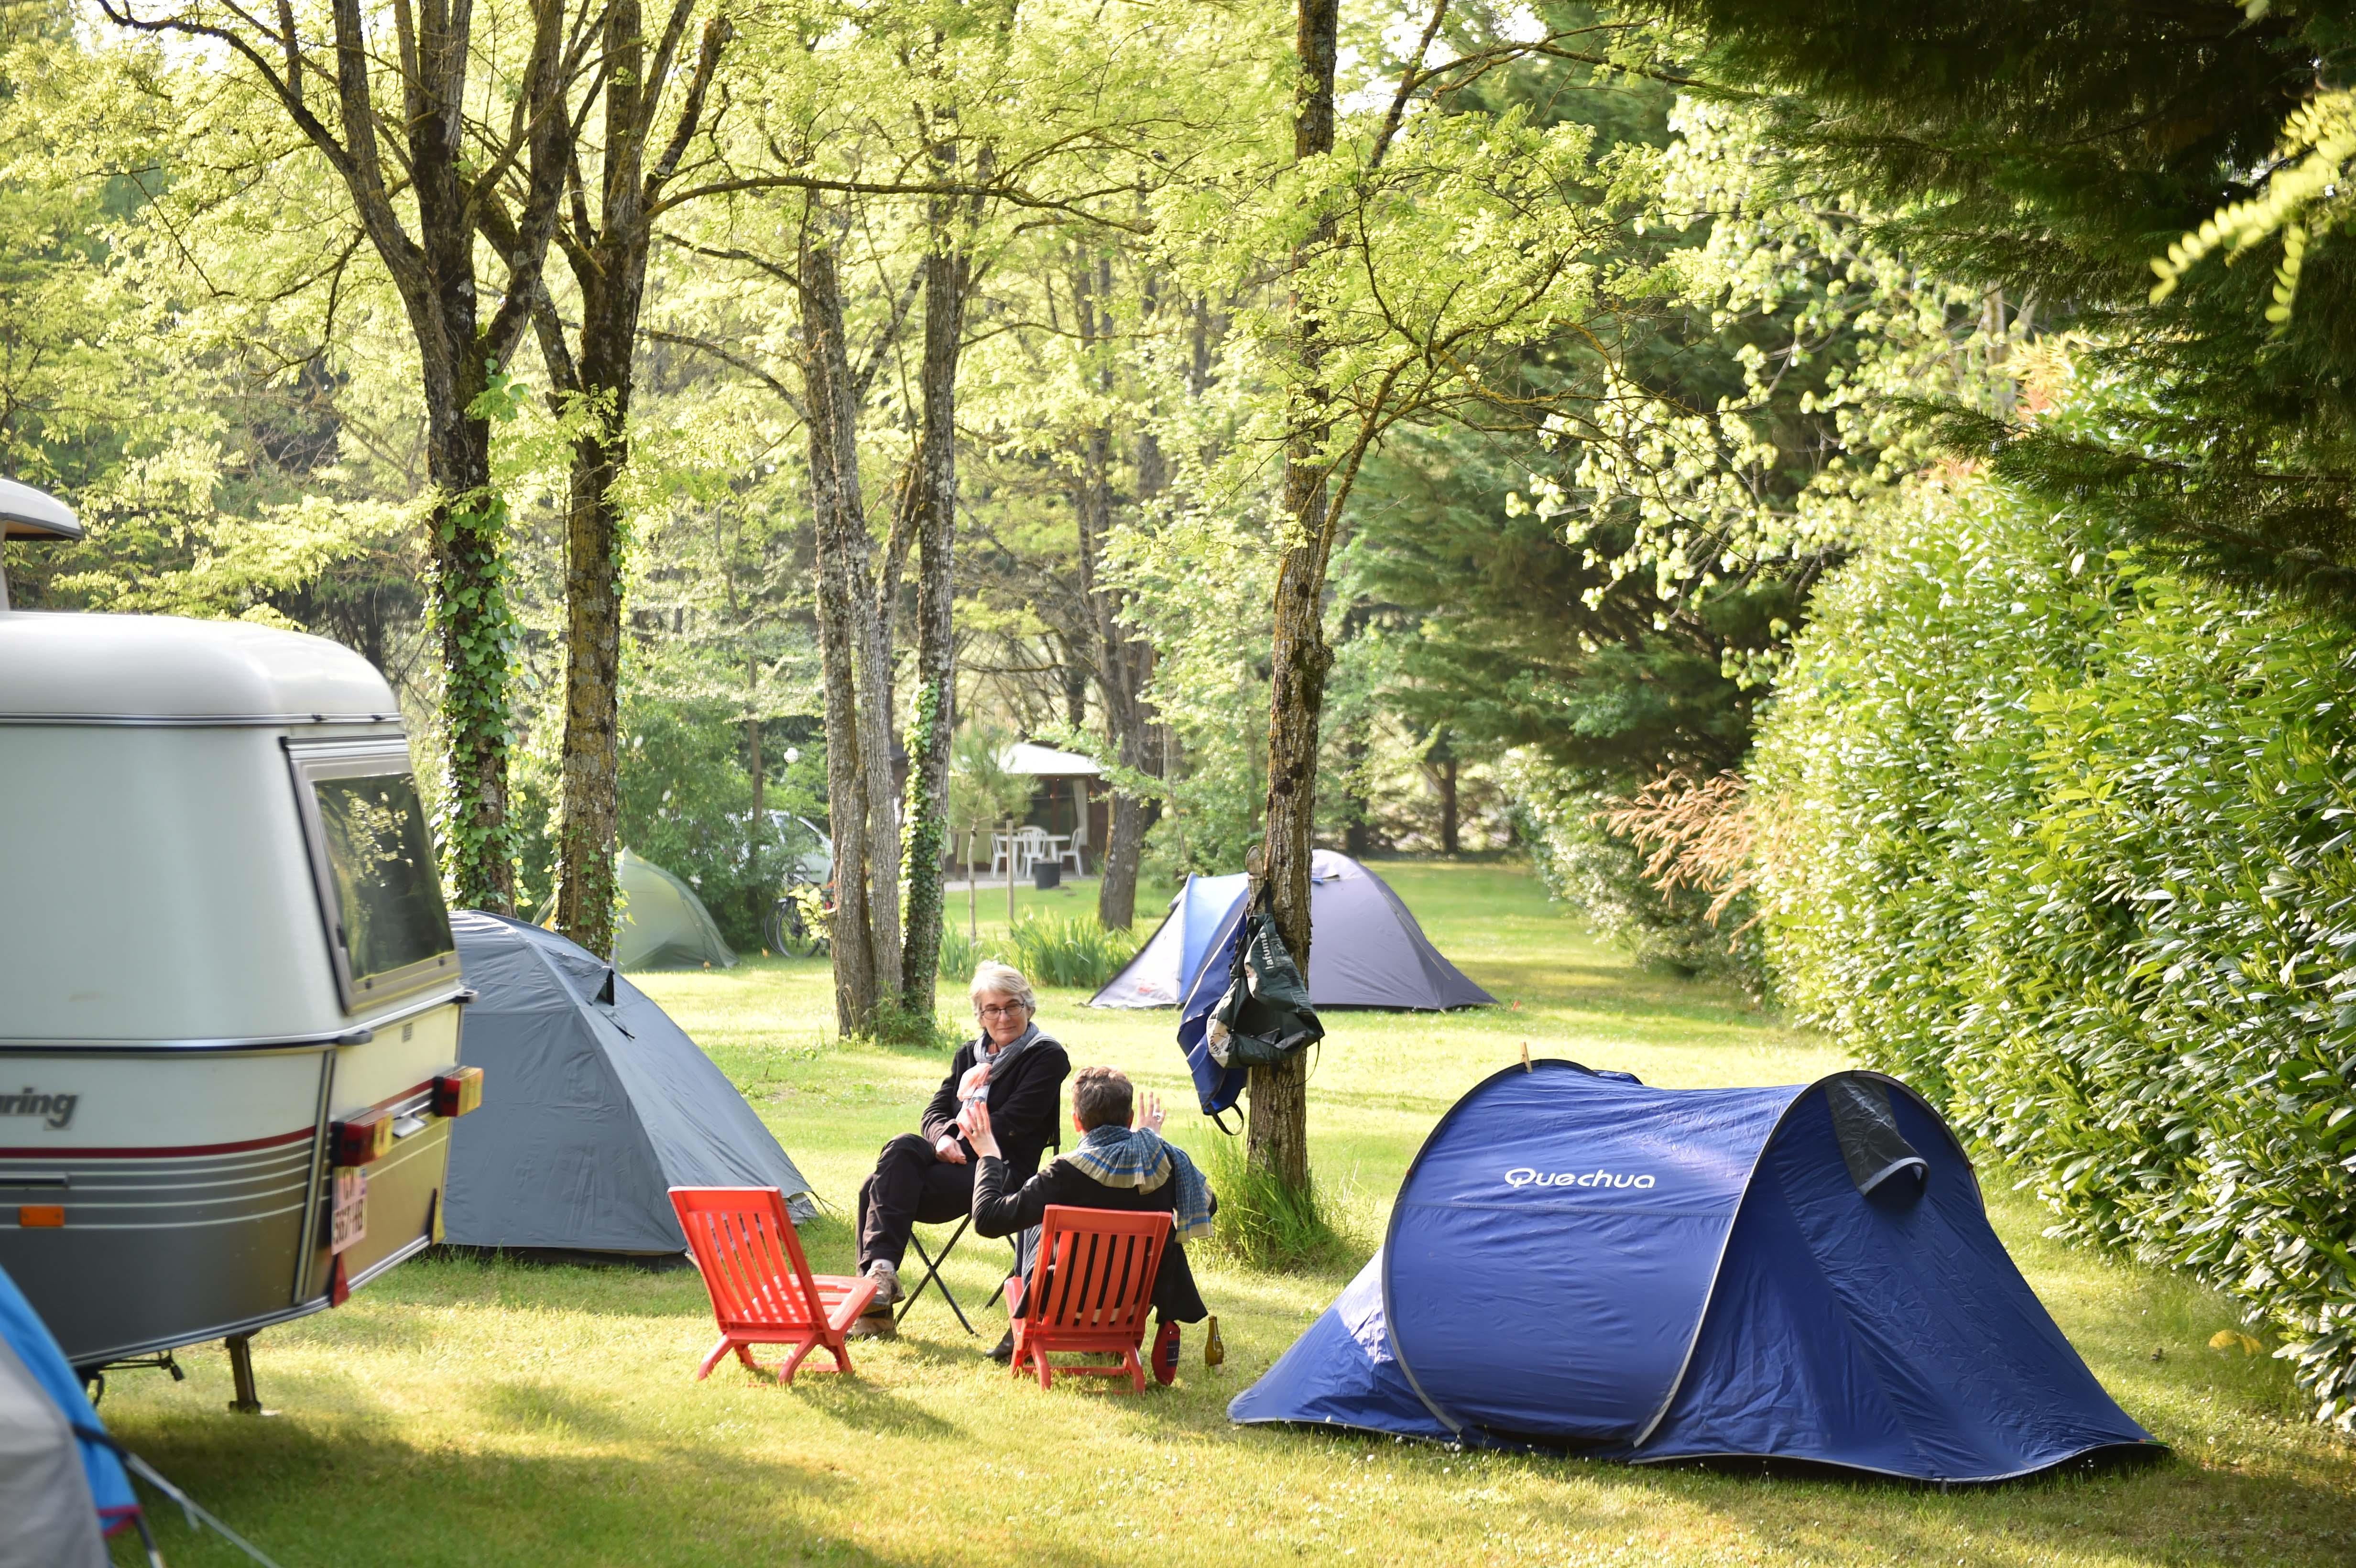 Emplacement - Emplacement Nature - Sans Élec / Tente, Caravane Ou Camping Car - 100 À 200M²(Sans Electricite) - Camping Le Petit Lion des Tourbières